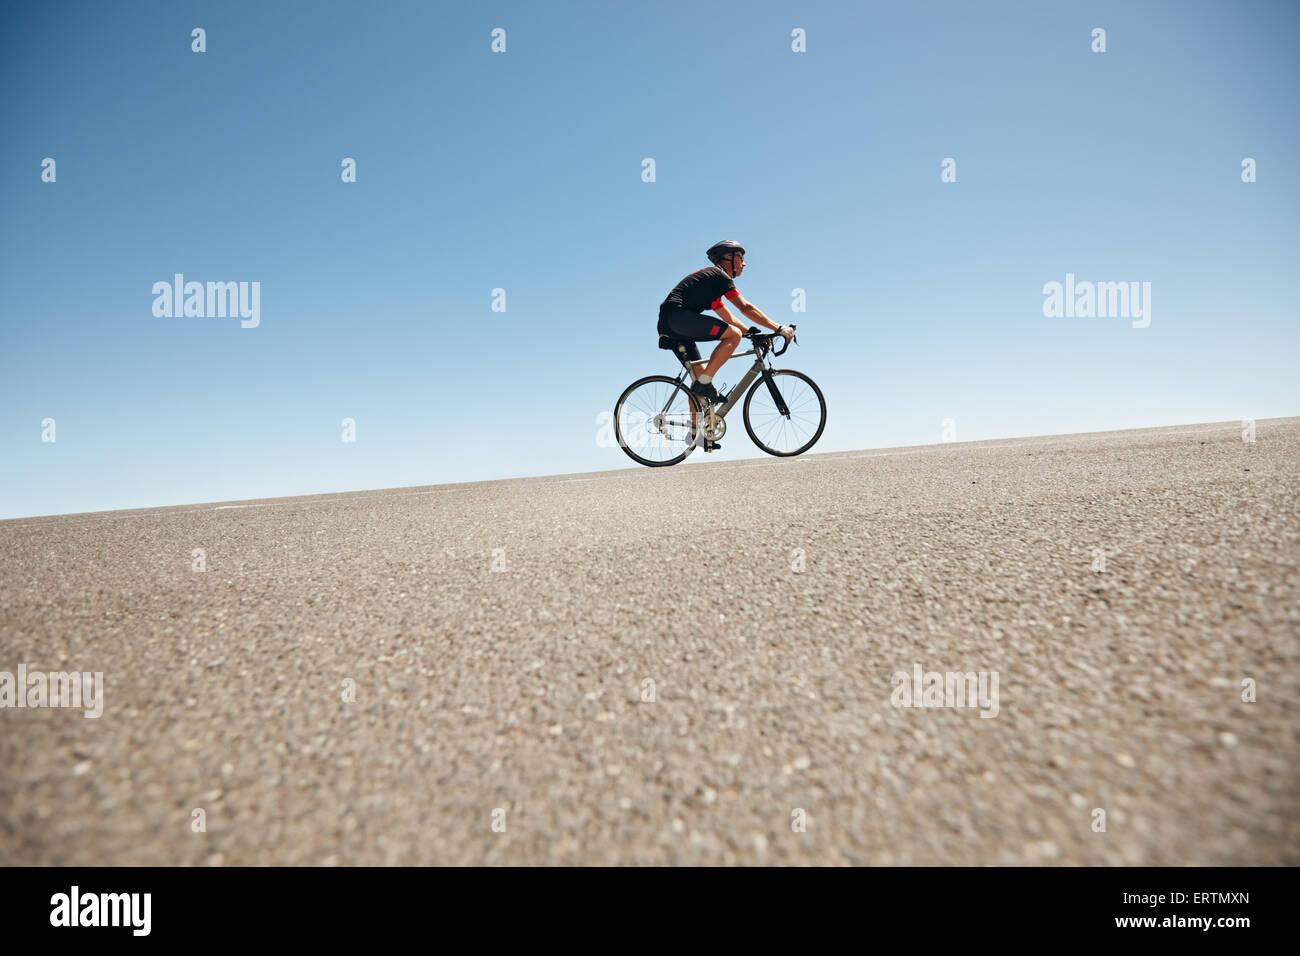 Basso angolo immagine di un ciclista maschio a cavallo su una strada piana contro il cielo blu. Uomo in bicicletta Immagini Stock